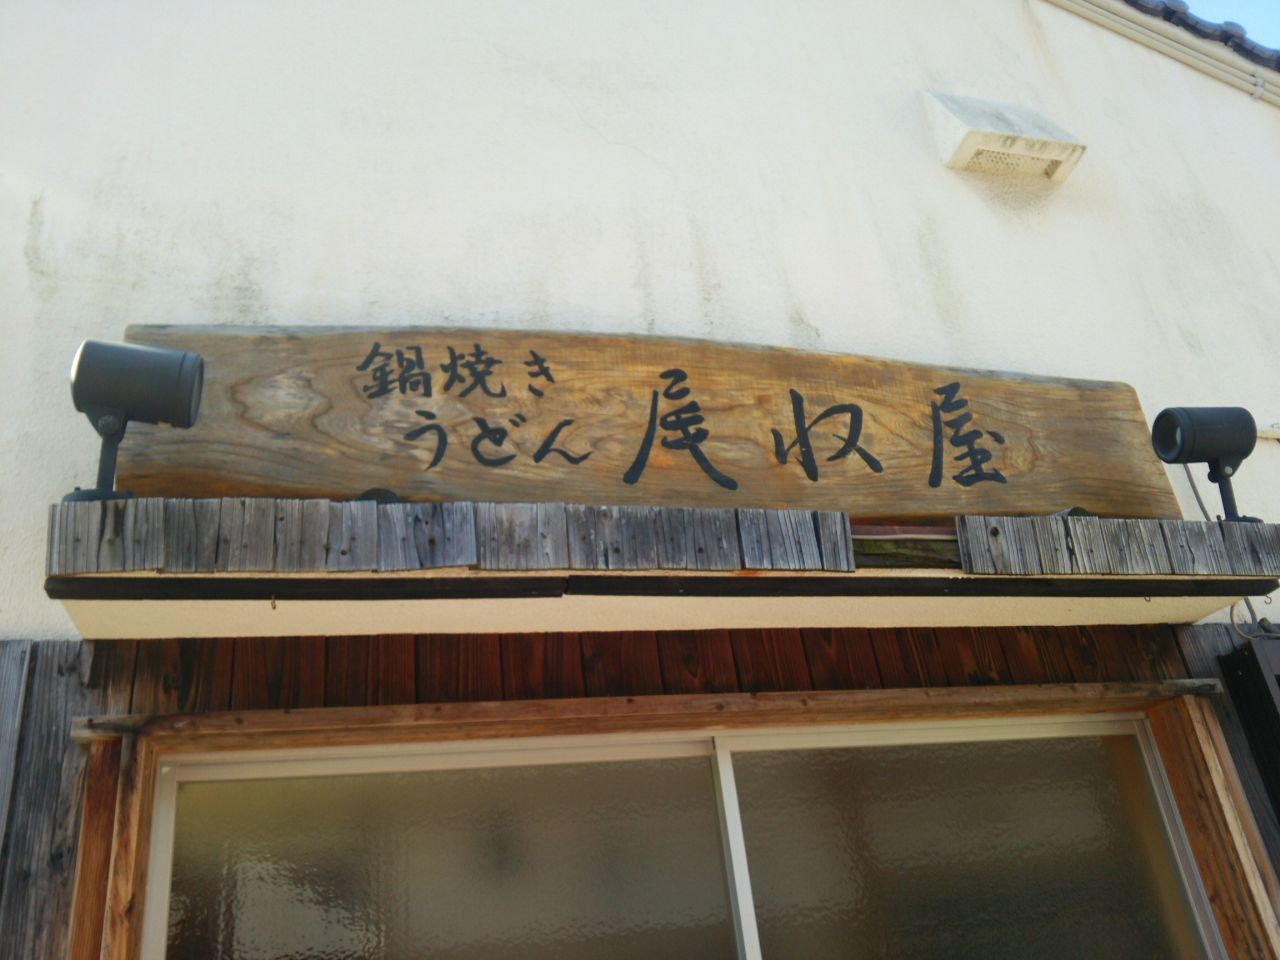 鍋焼きうどん 尾収屋